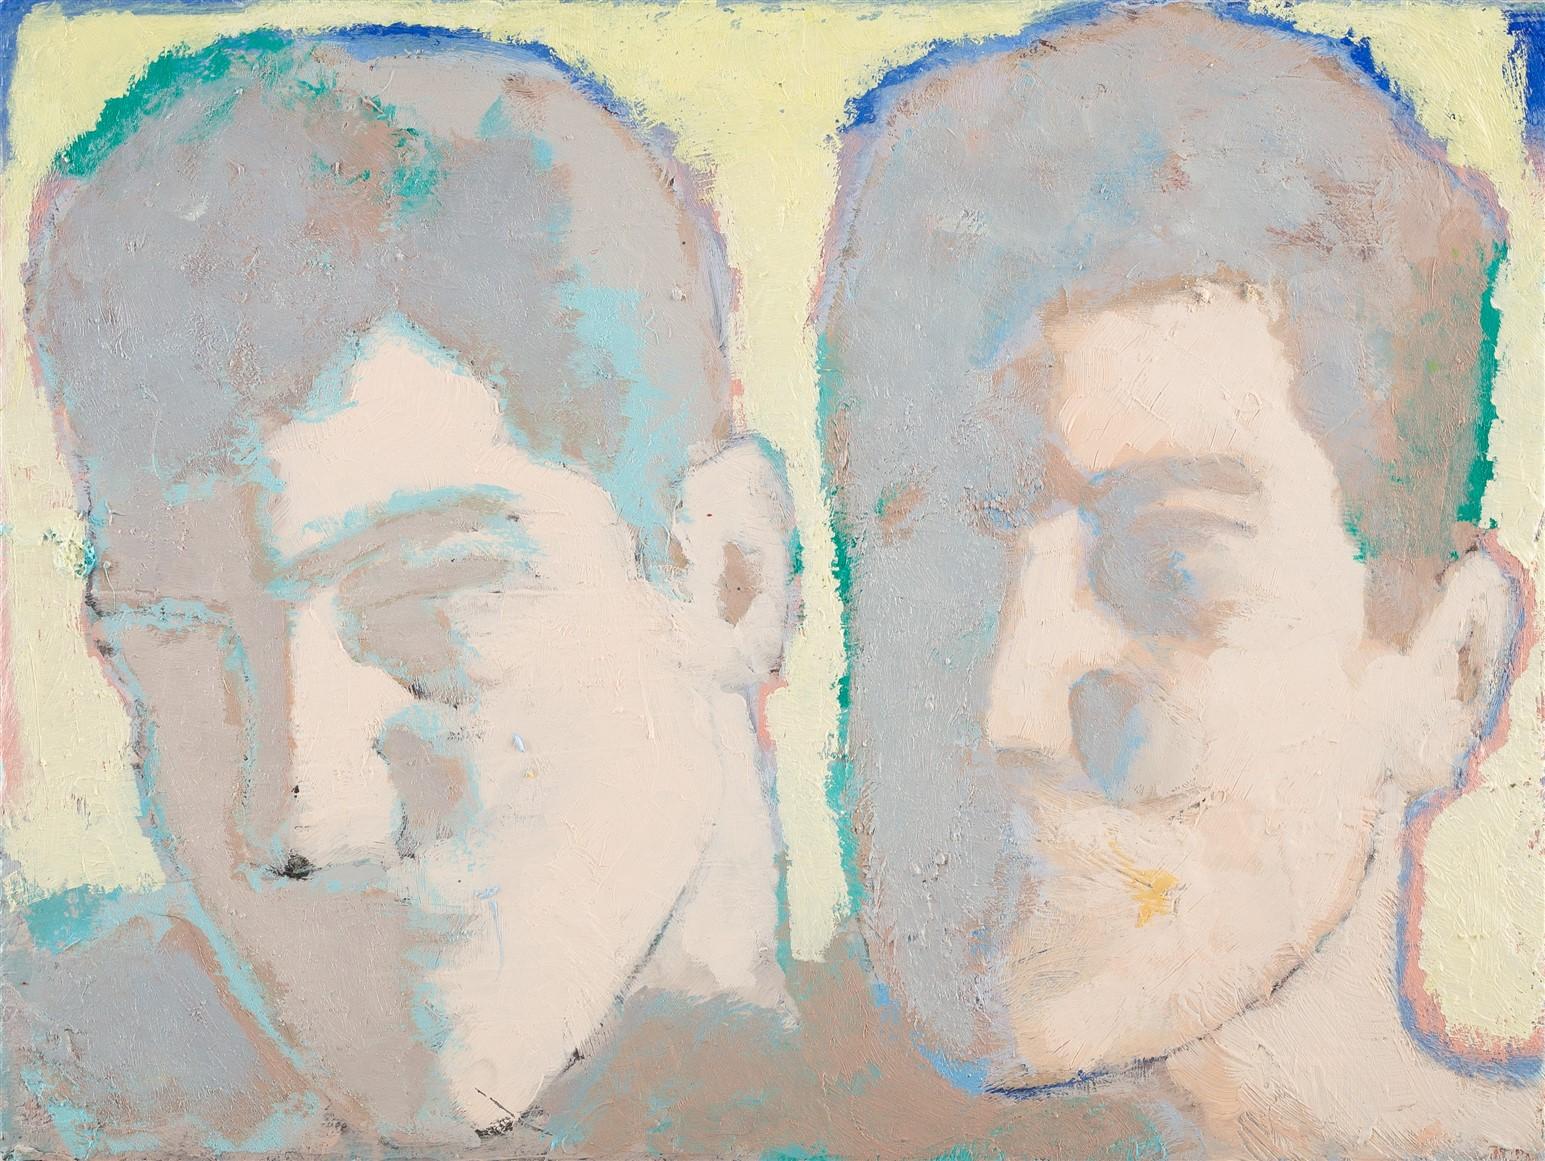 Simon Martin, Amoureux rétro-éclairés II, 2019, huile sur toile, 18 x 24 cm_web